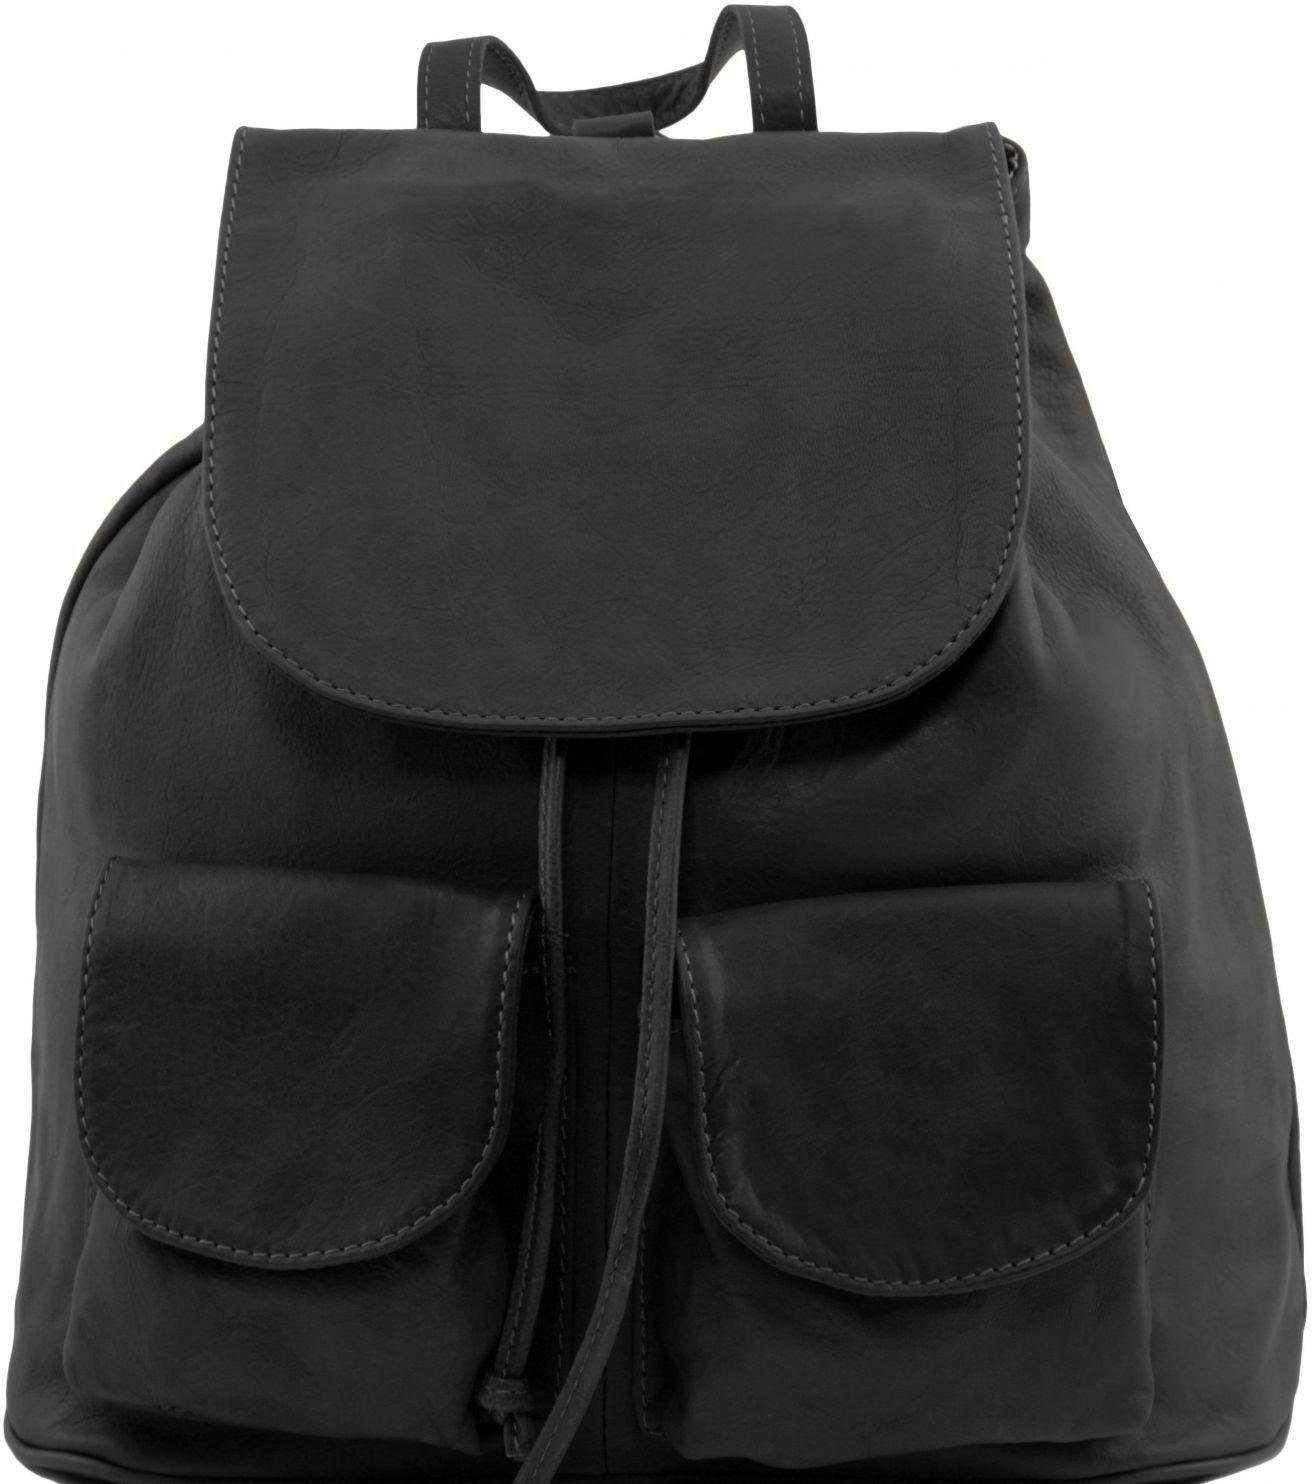 Γυναικεία Τσάντα Δερμάτινη Seoul S Μαύρο Tuscany Leather γυναίκα   τσάντες πλάτης